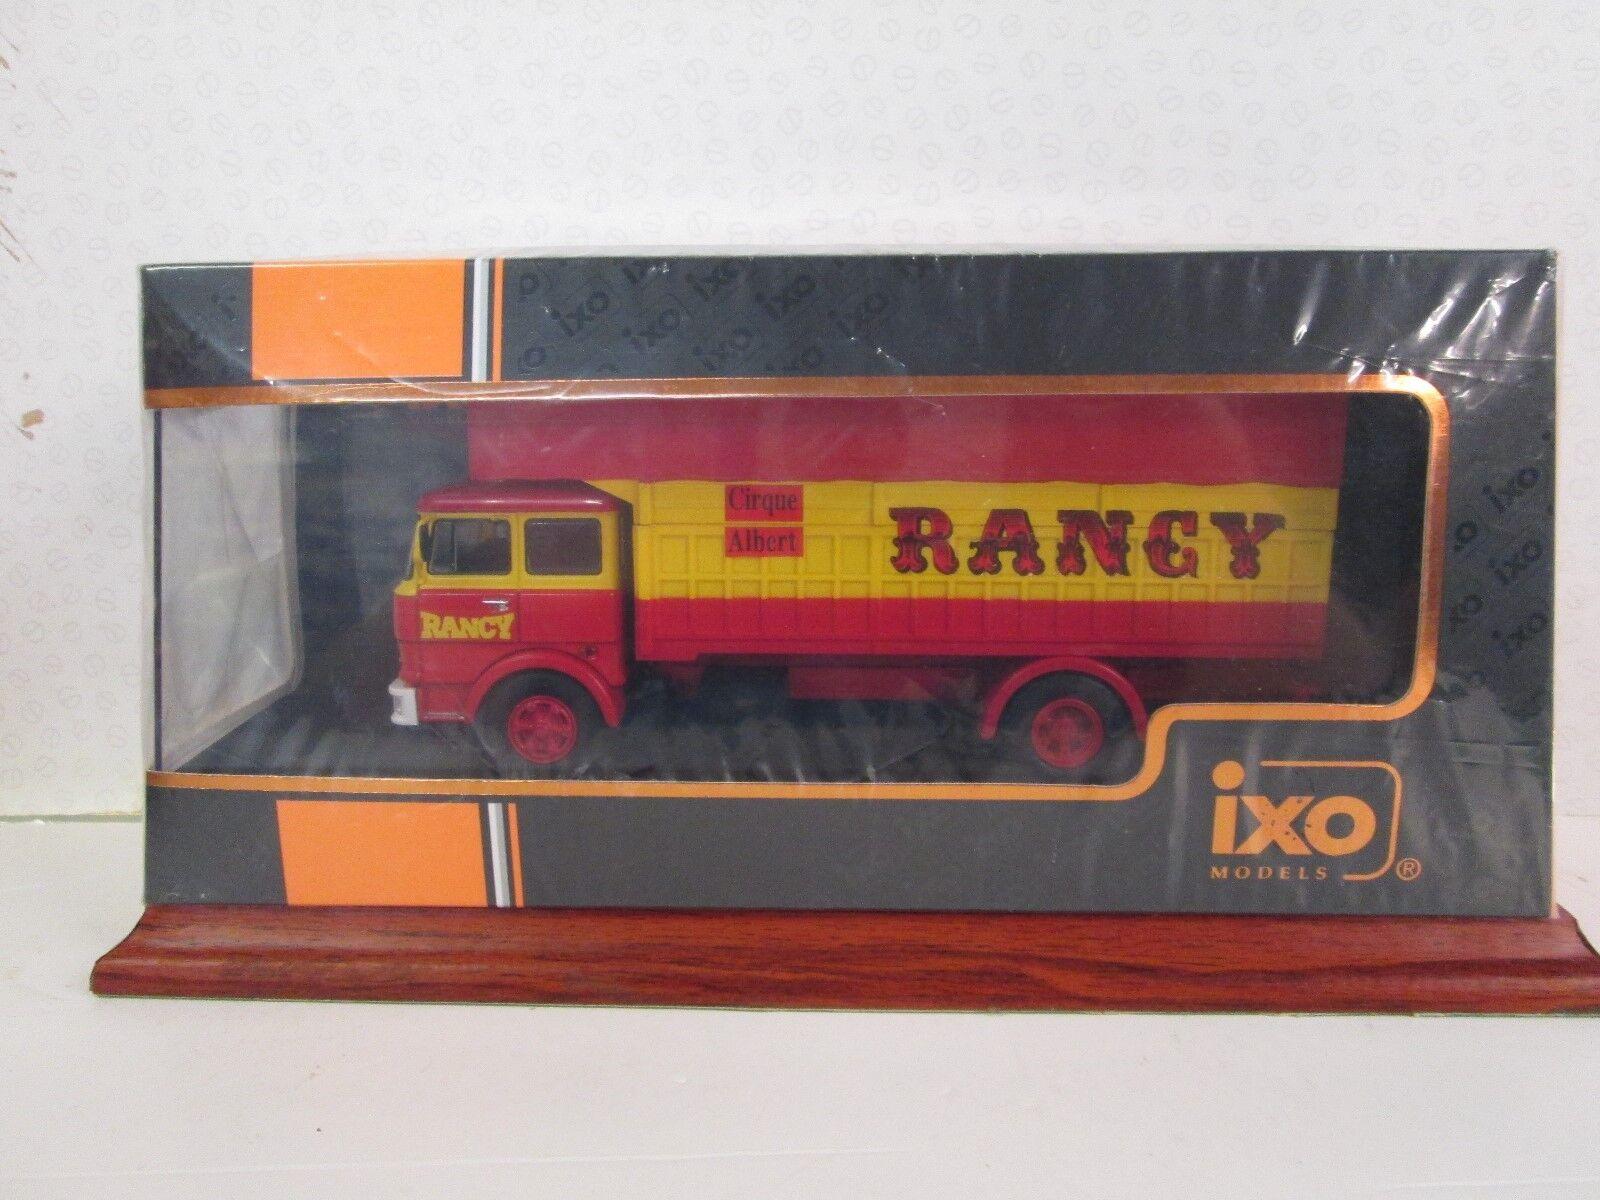 IXO. FIAT 619. il Cirque rancy (F) 1 43. Rosso Giallo. 1979. TRU 023.